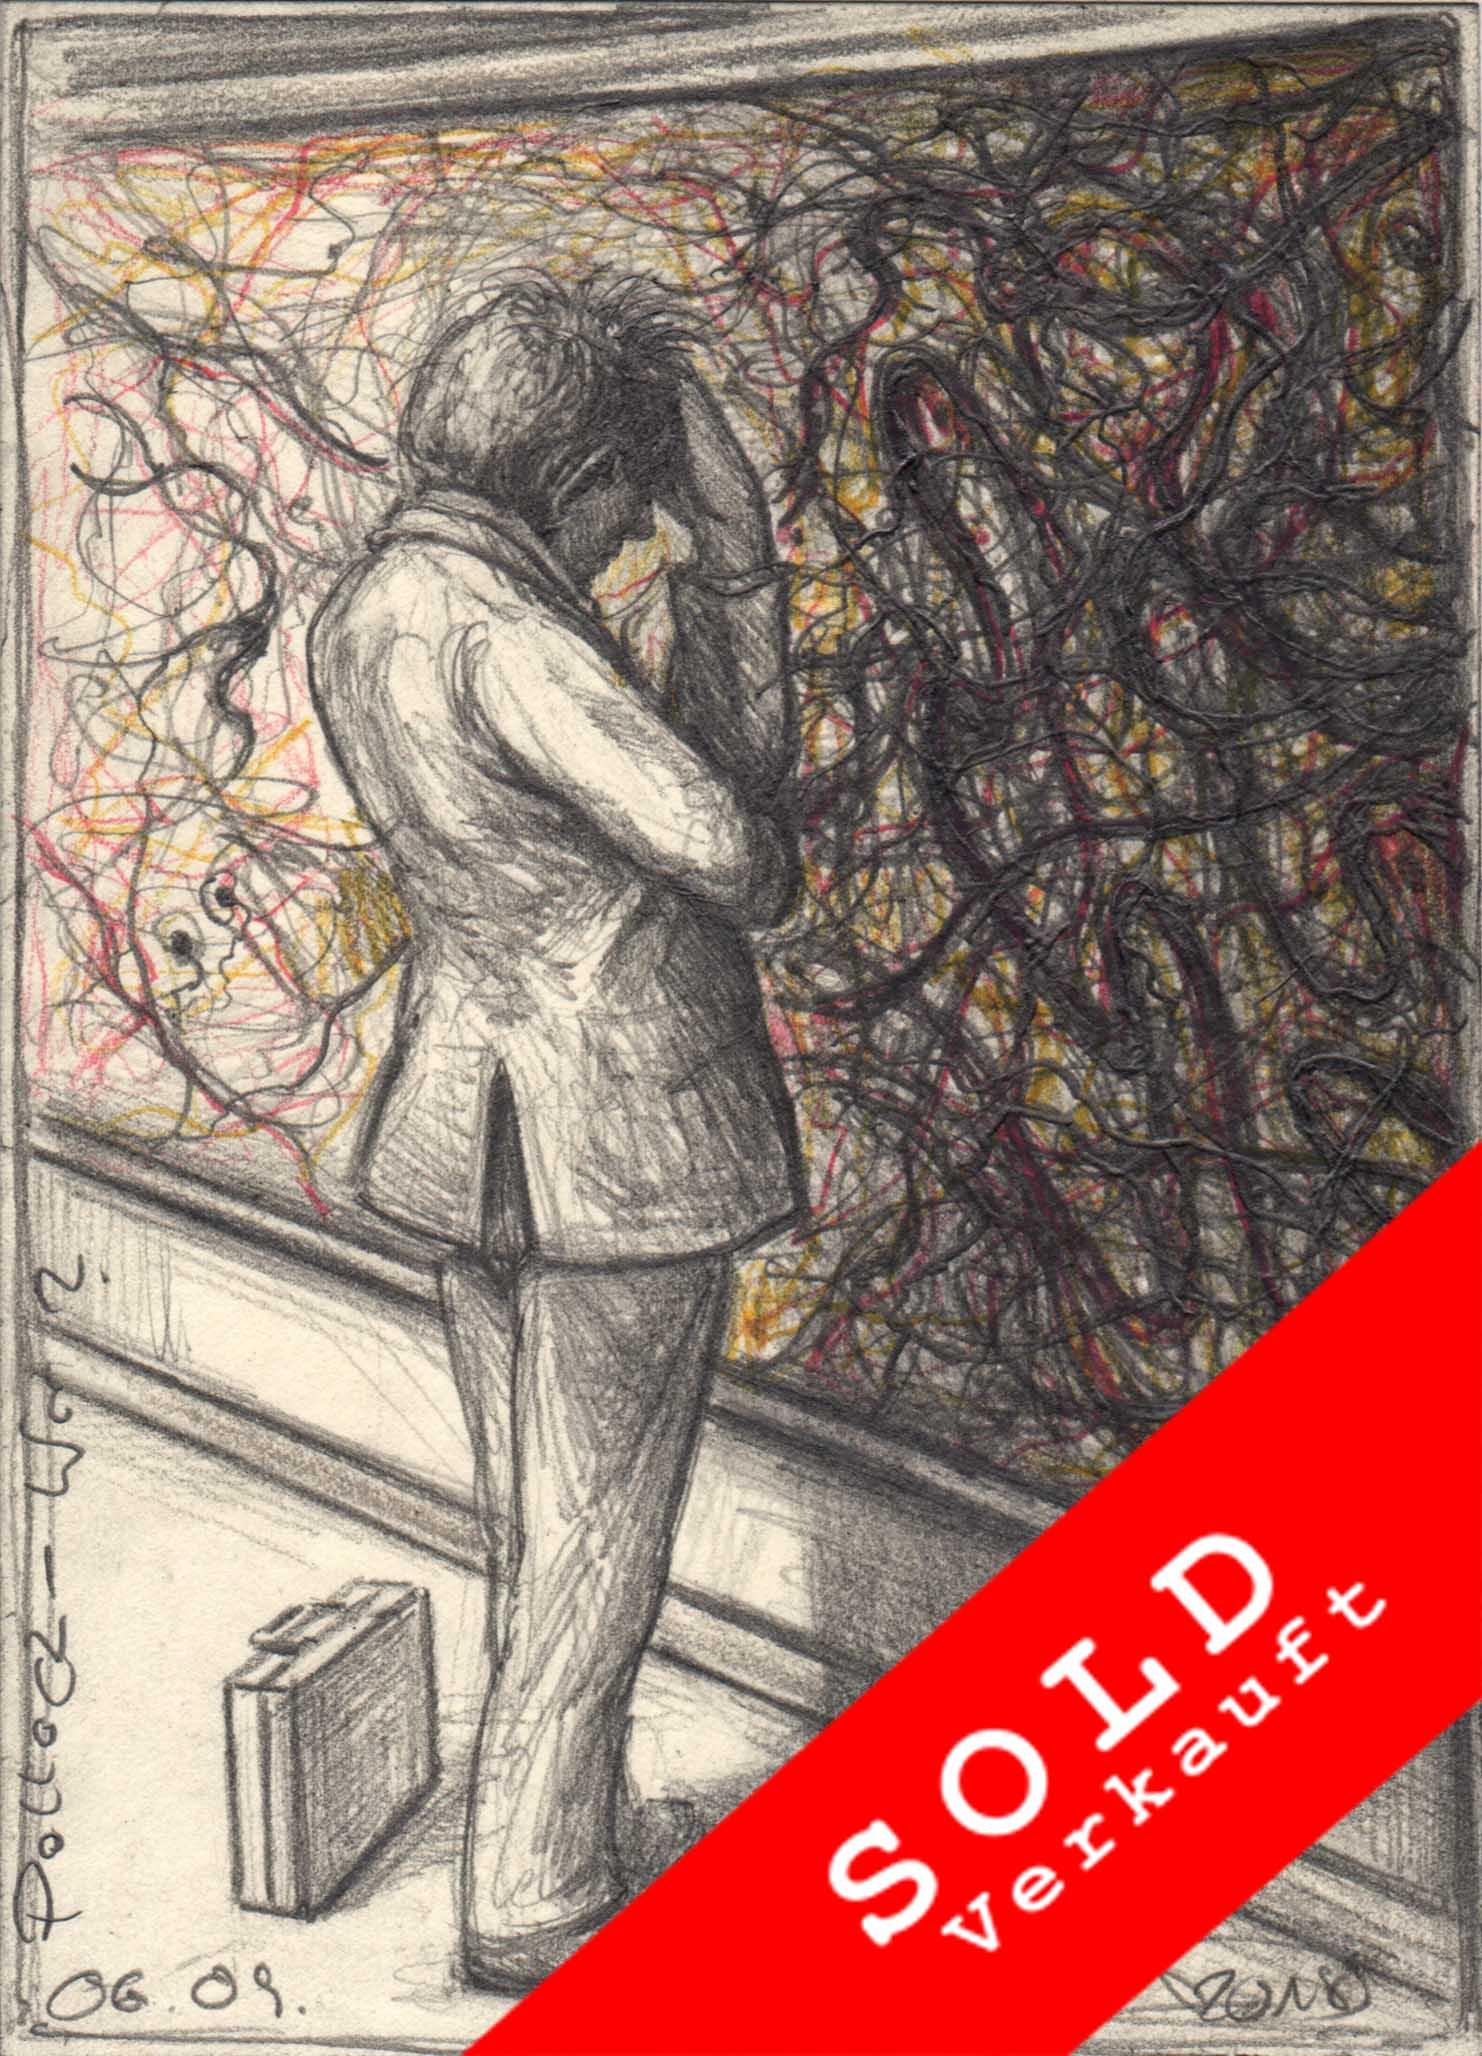 Pollock – Who?